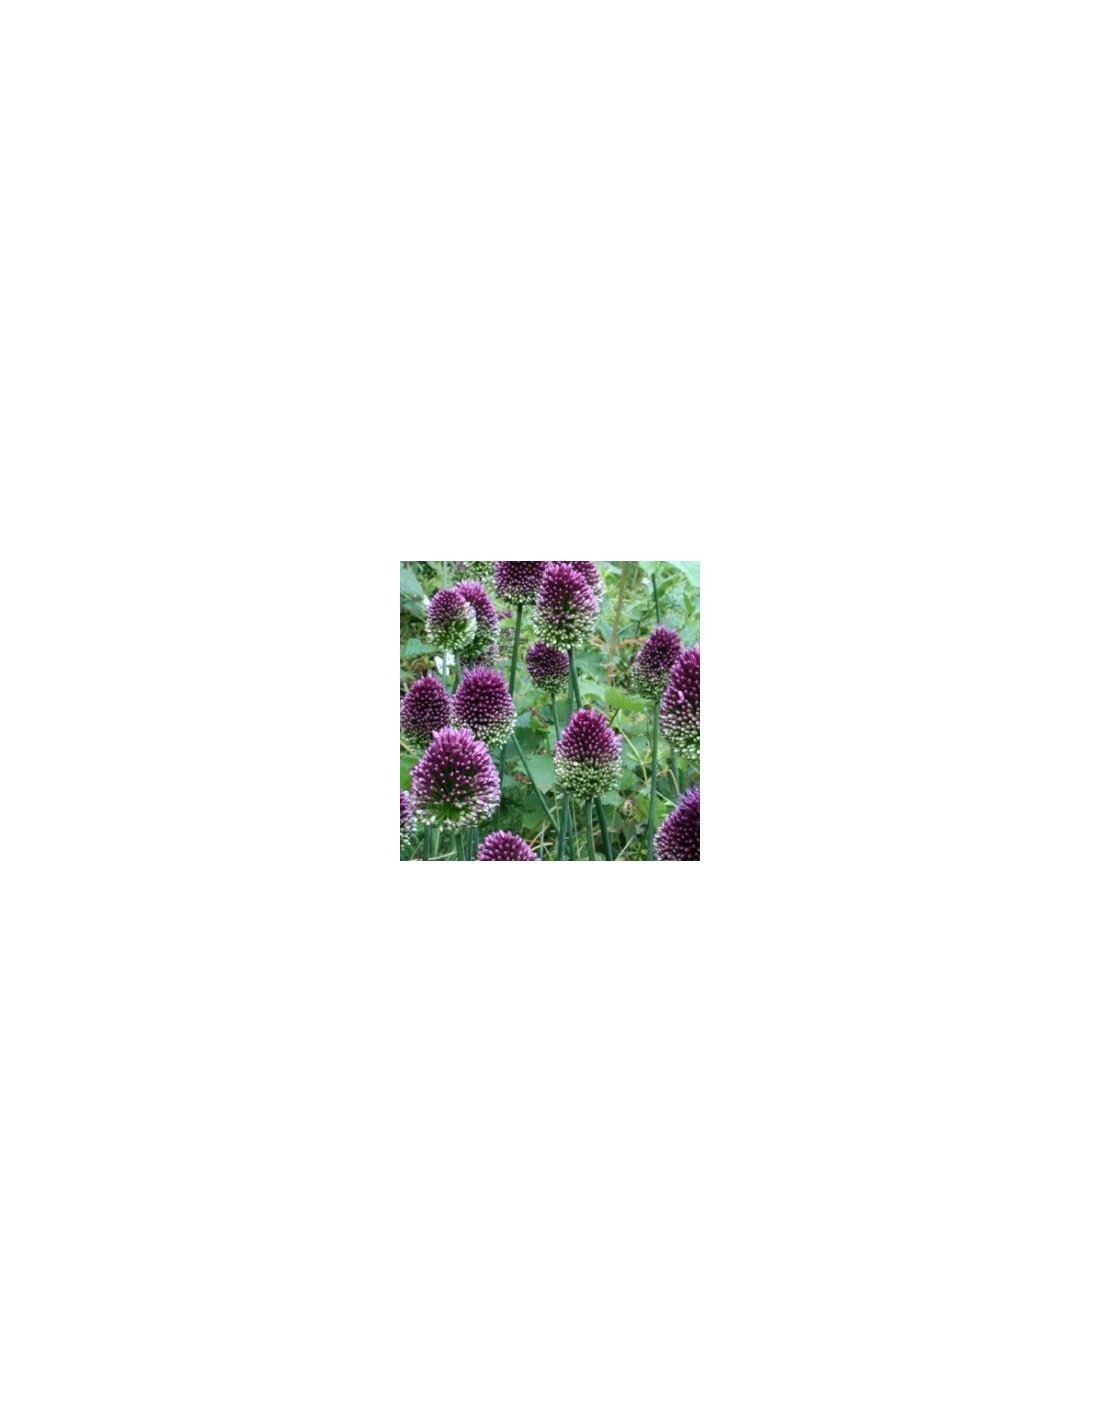 bulbes ail d 39 ornement t te ronde 25 les jardins d 39 hauti re. Black Bedroom Furniture Sets. Home Design Ideas